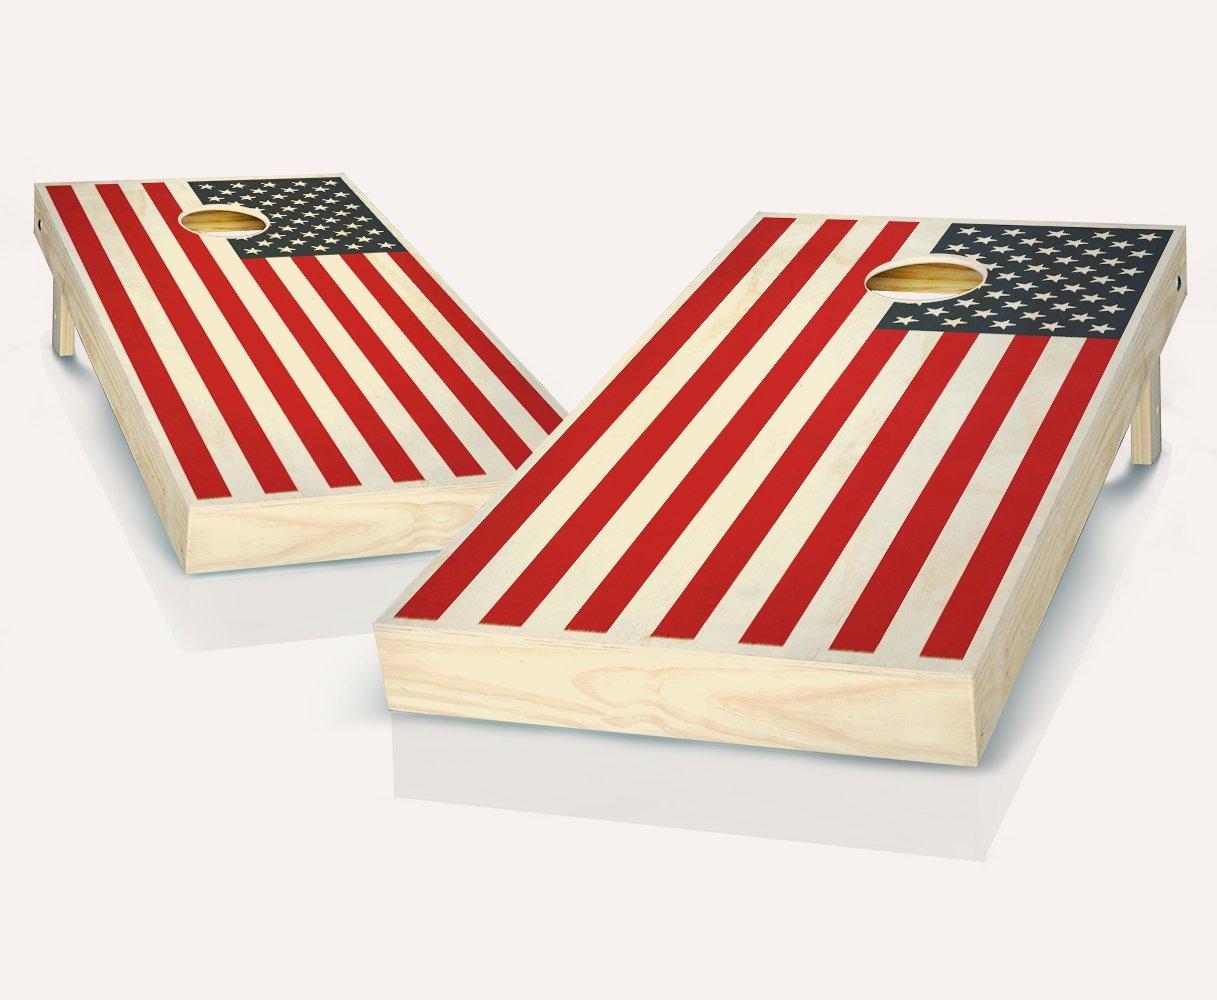 2色アメリカ国旗Stained Cornhole Boards withのセット8 Cornhole Bags B07BGCQ9YS